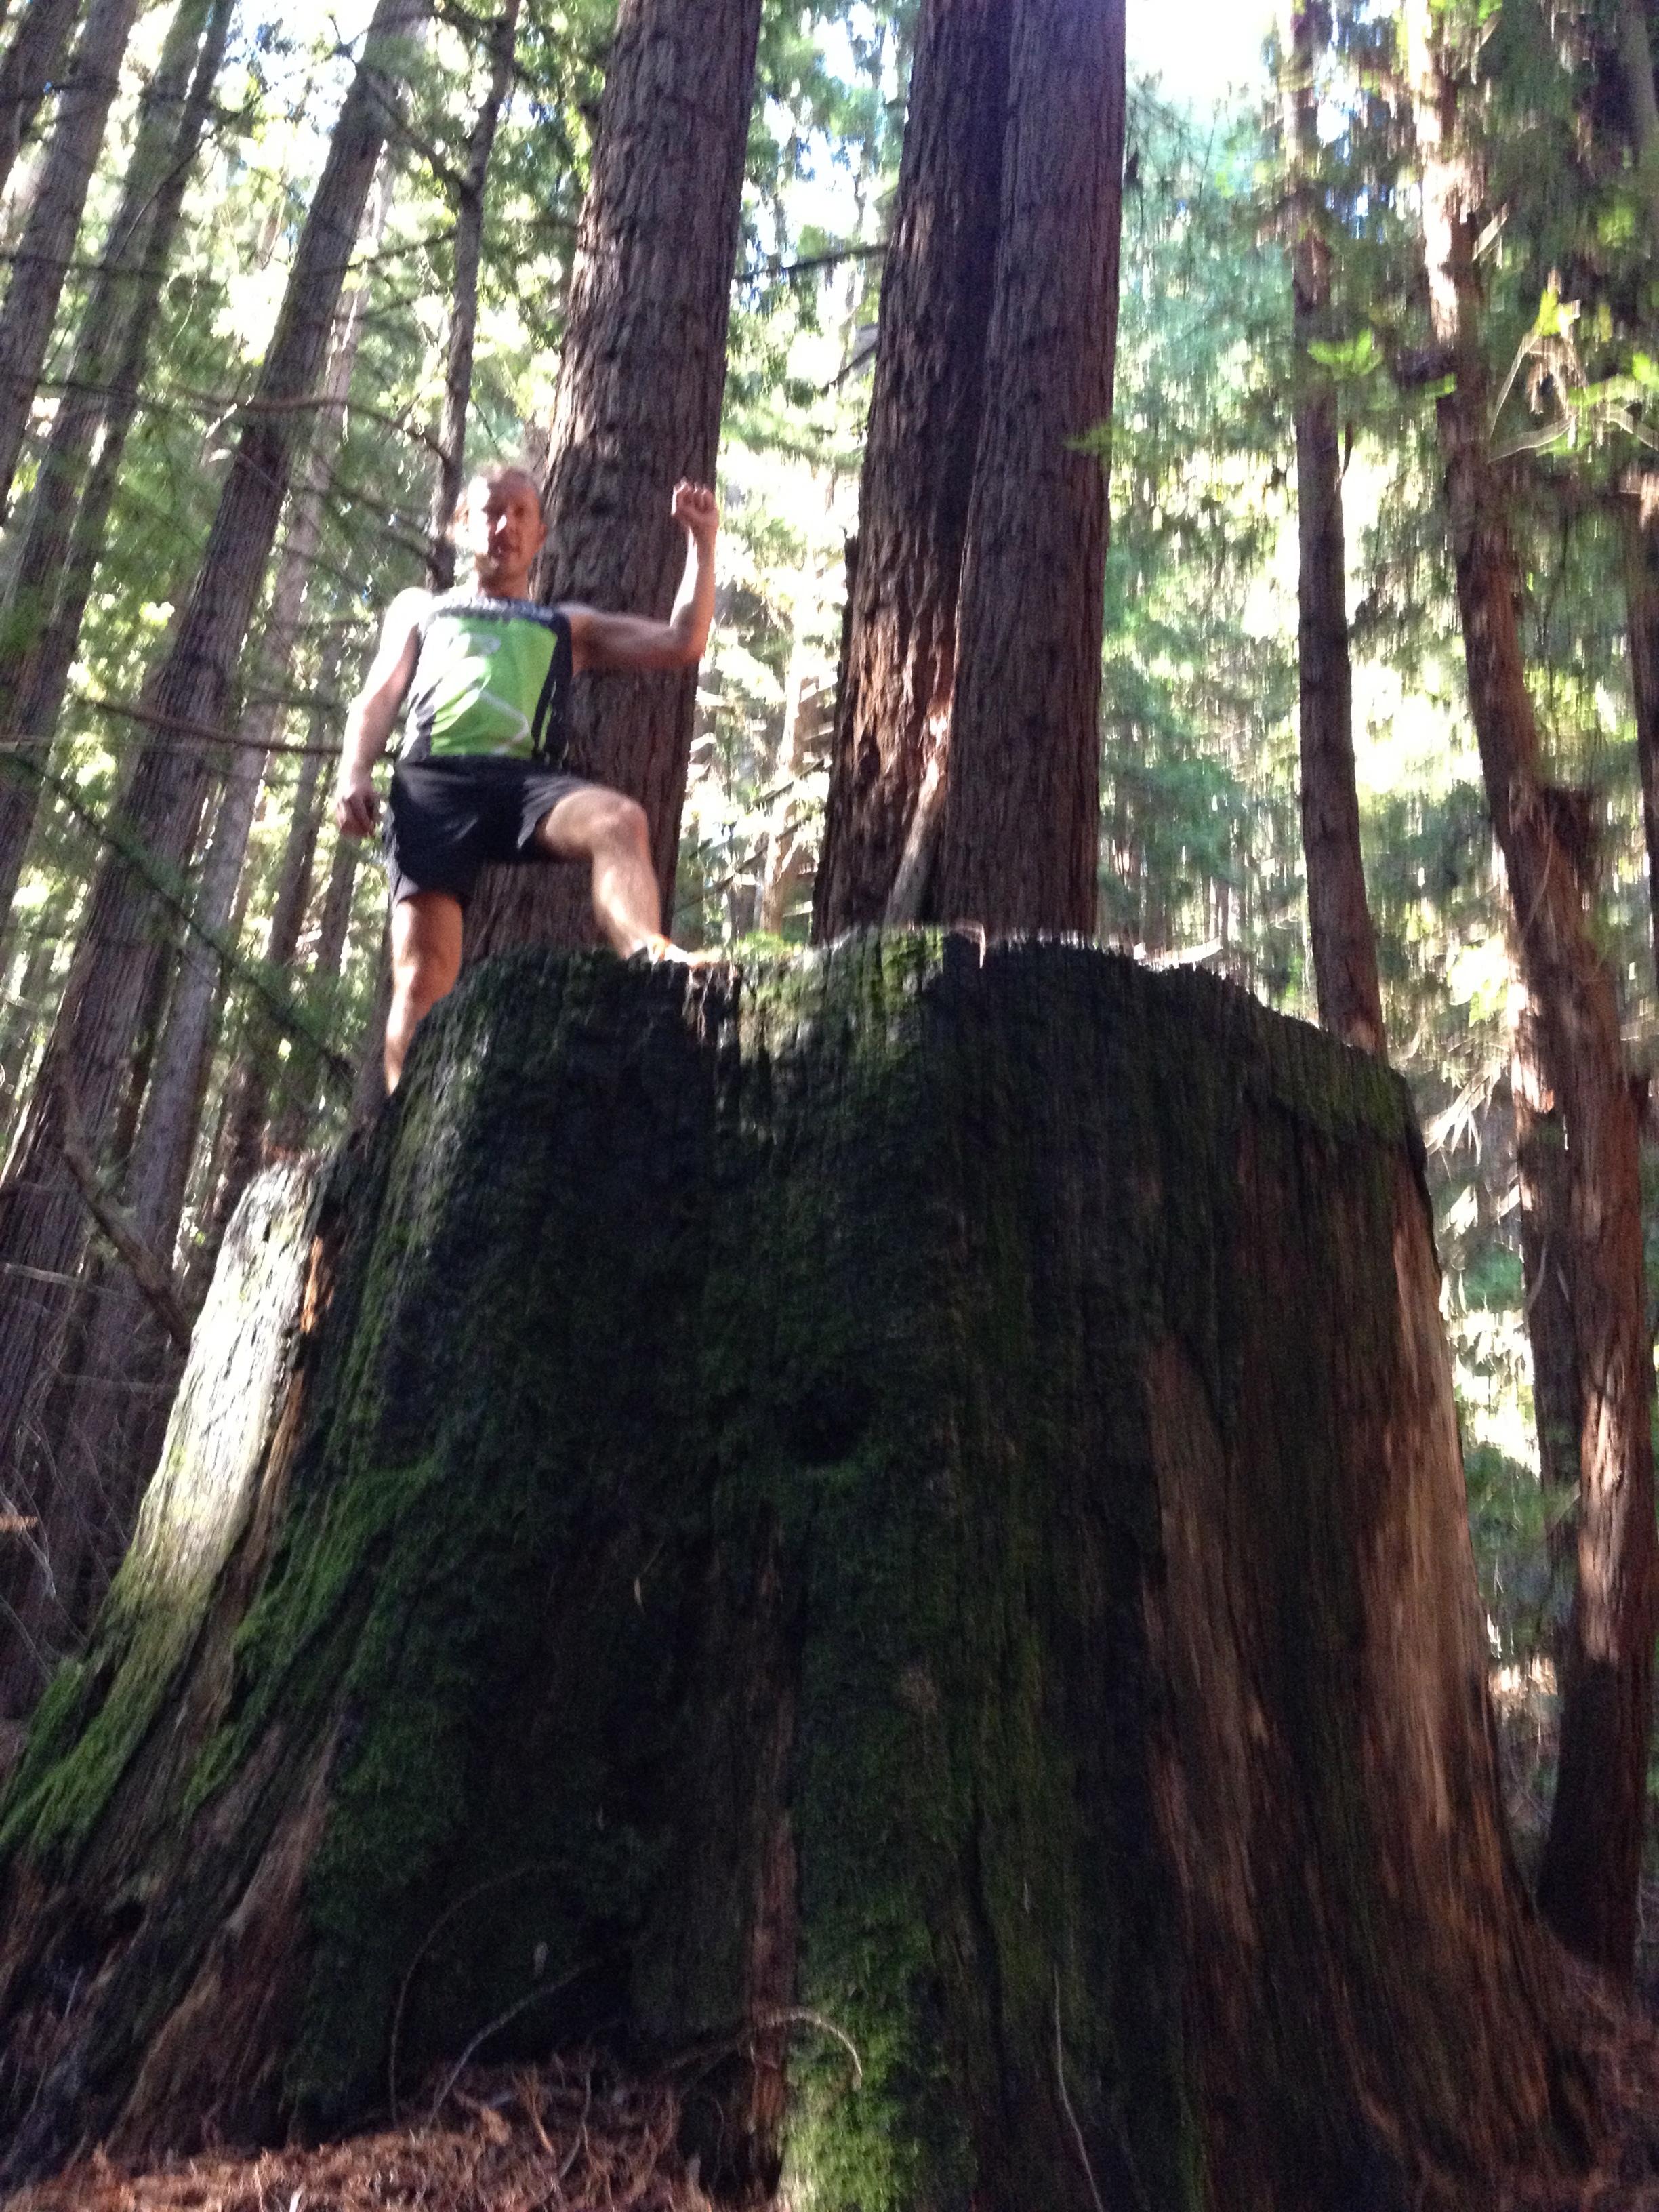 Amerikassa kaikki on suurempaa/ Redwoods, in America everything's bigger